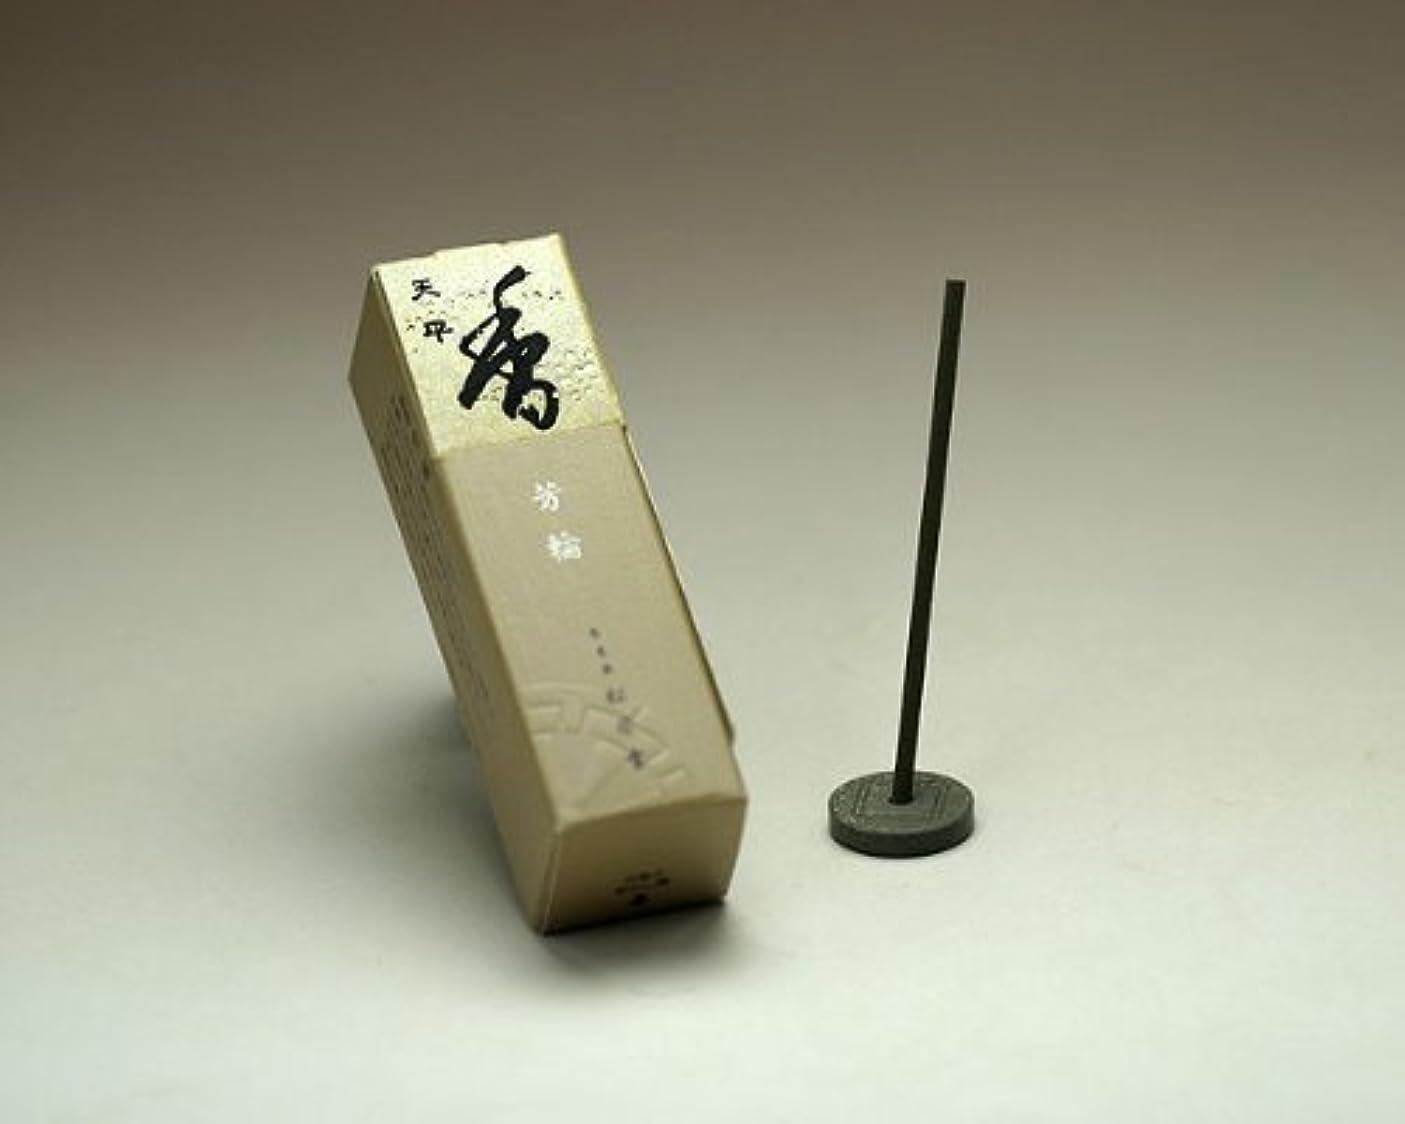 くびれた宿代わりにを立てる銘香芳輪 松栄堂のお香 芳輪天平 ST20本入 簡易香立付 #210523